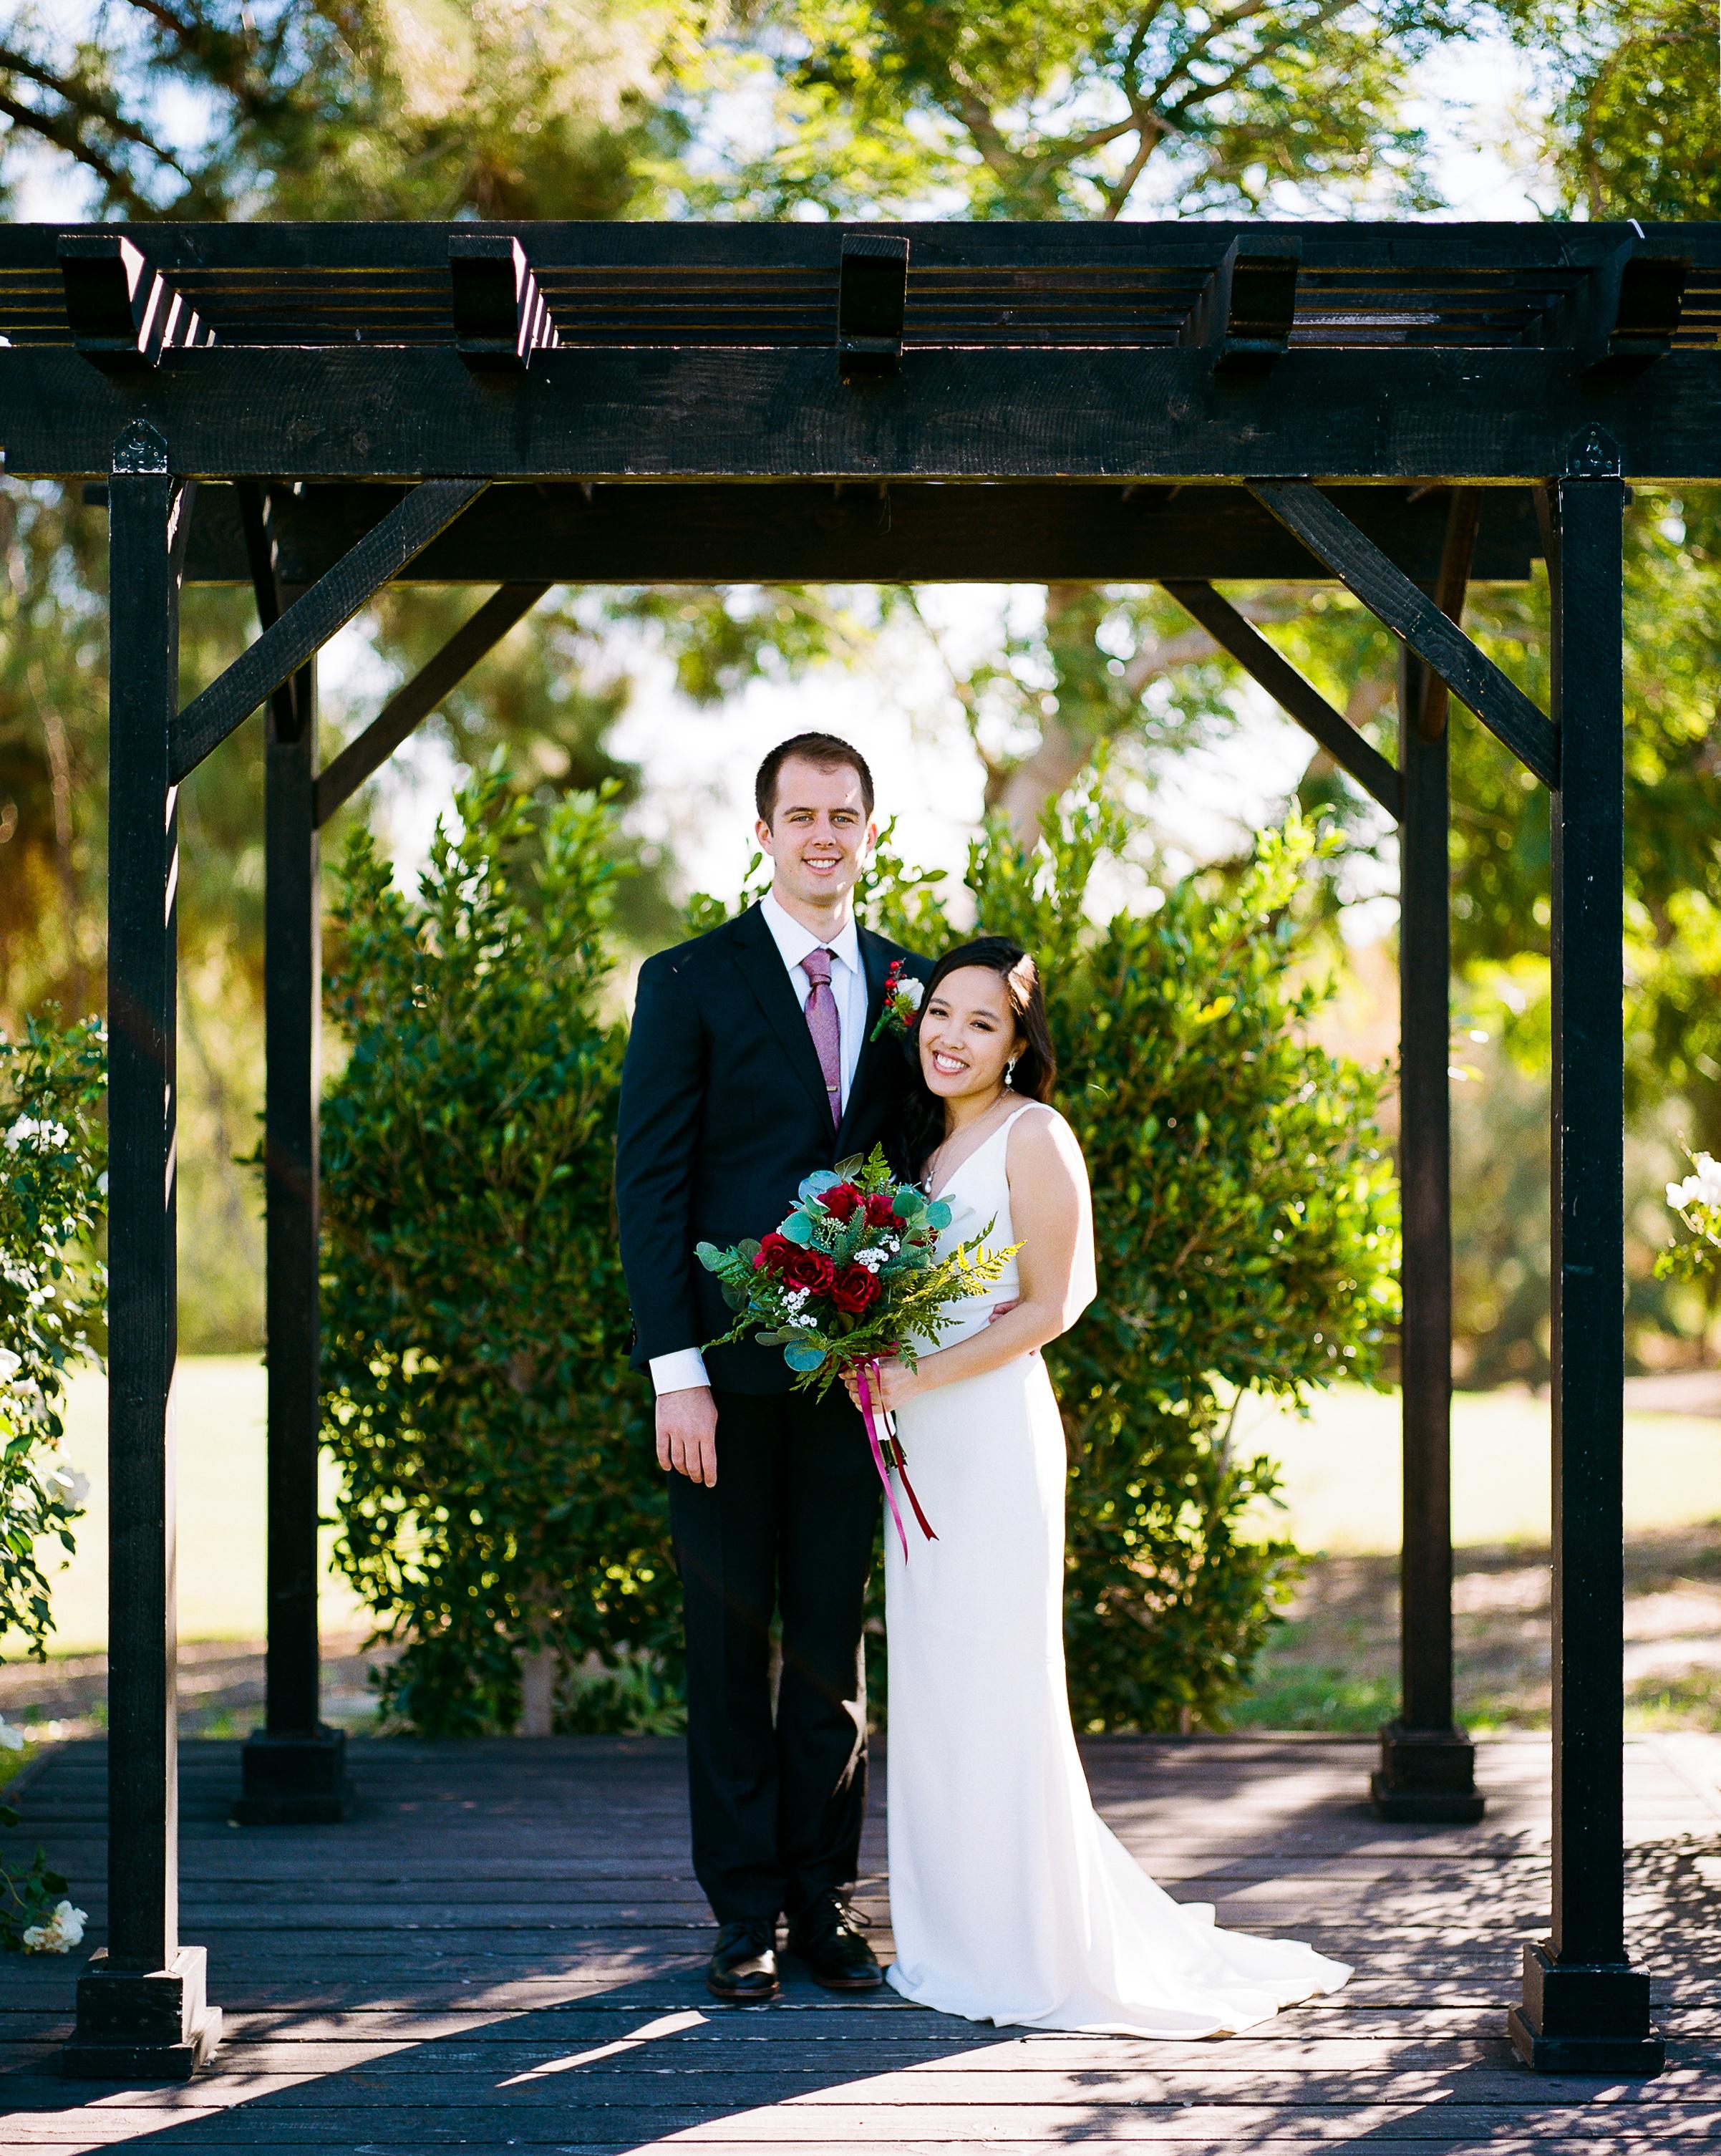 Seth's Wedding_Portra 400_120_1.jpg